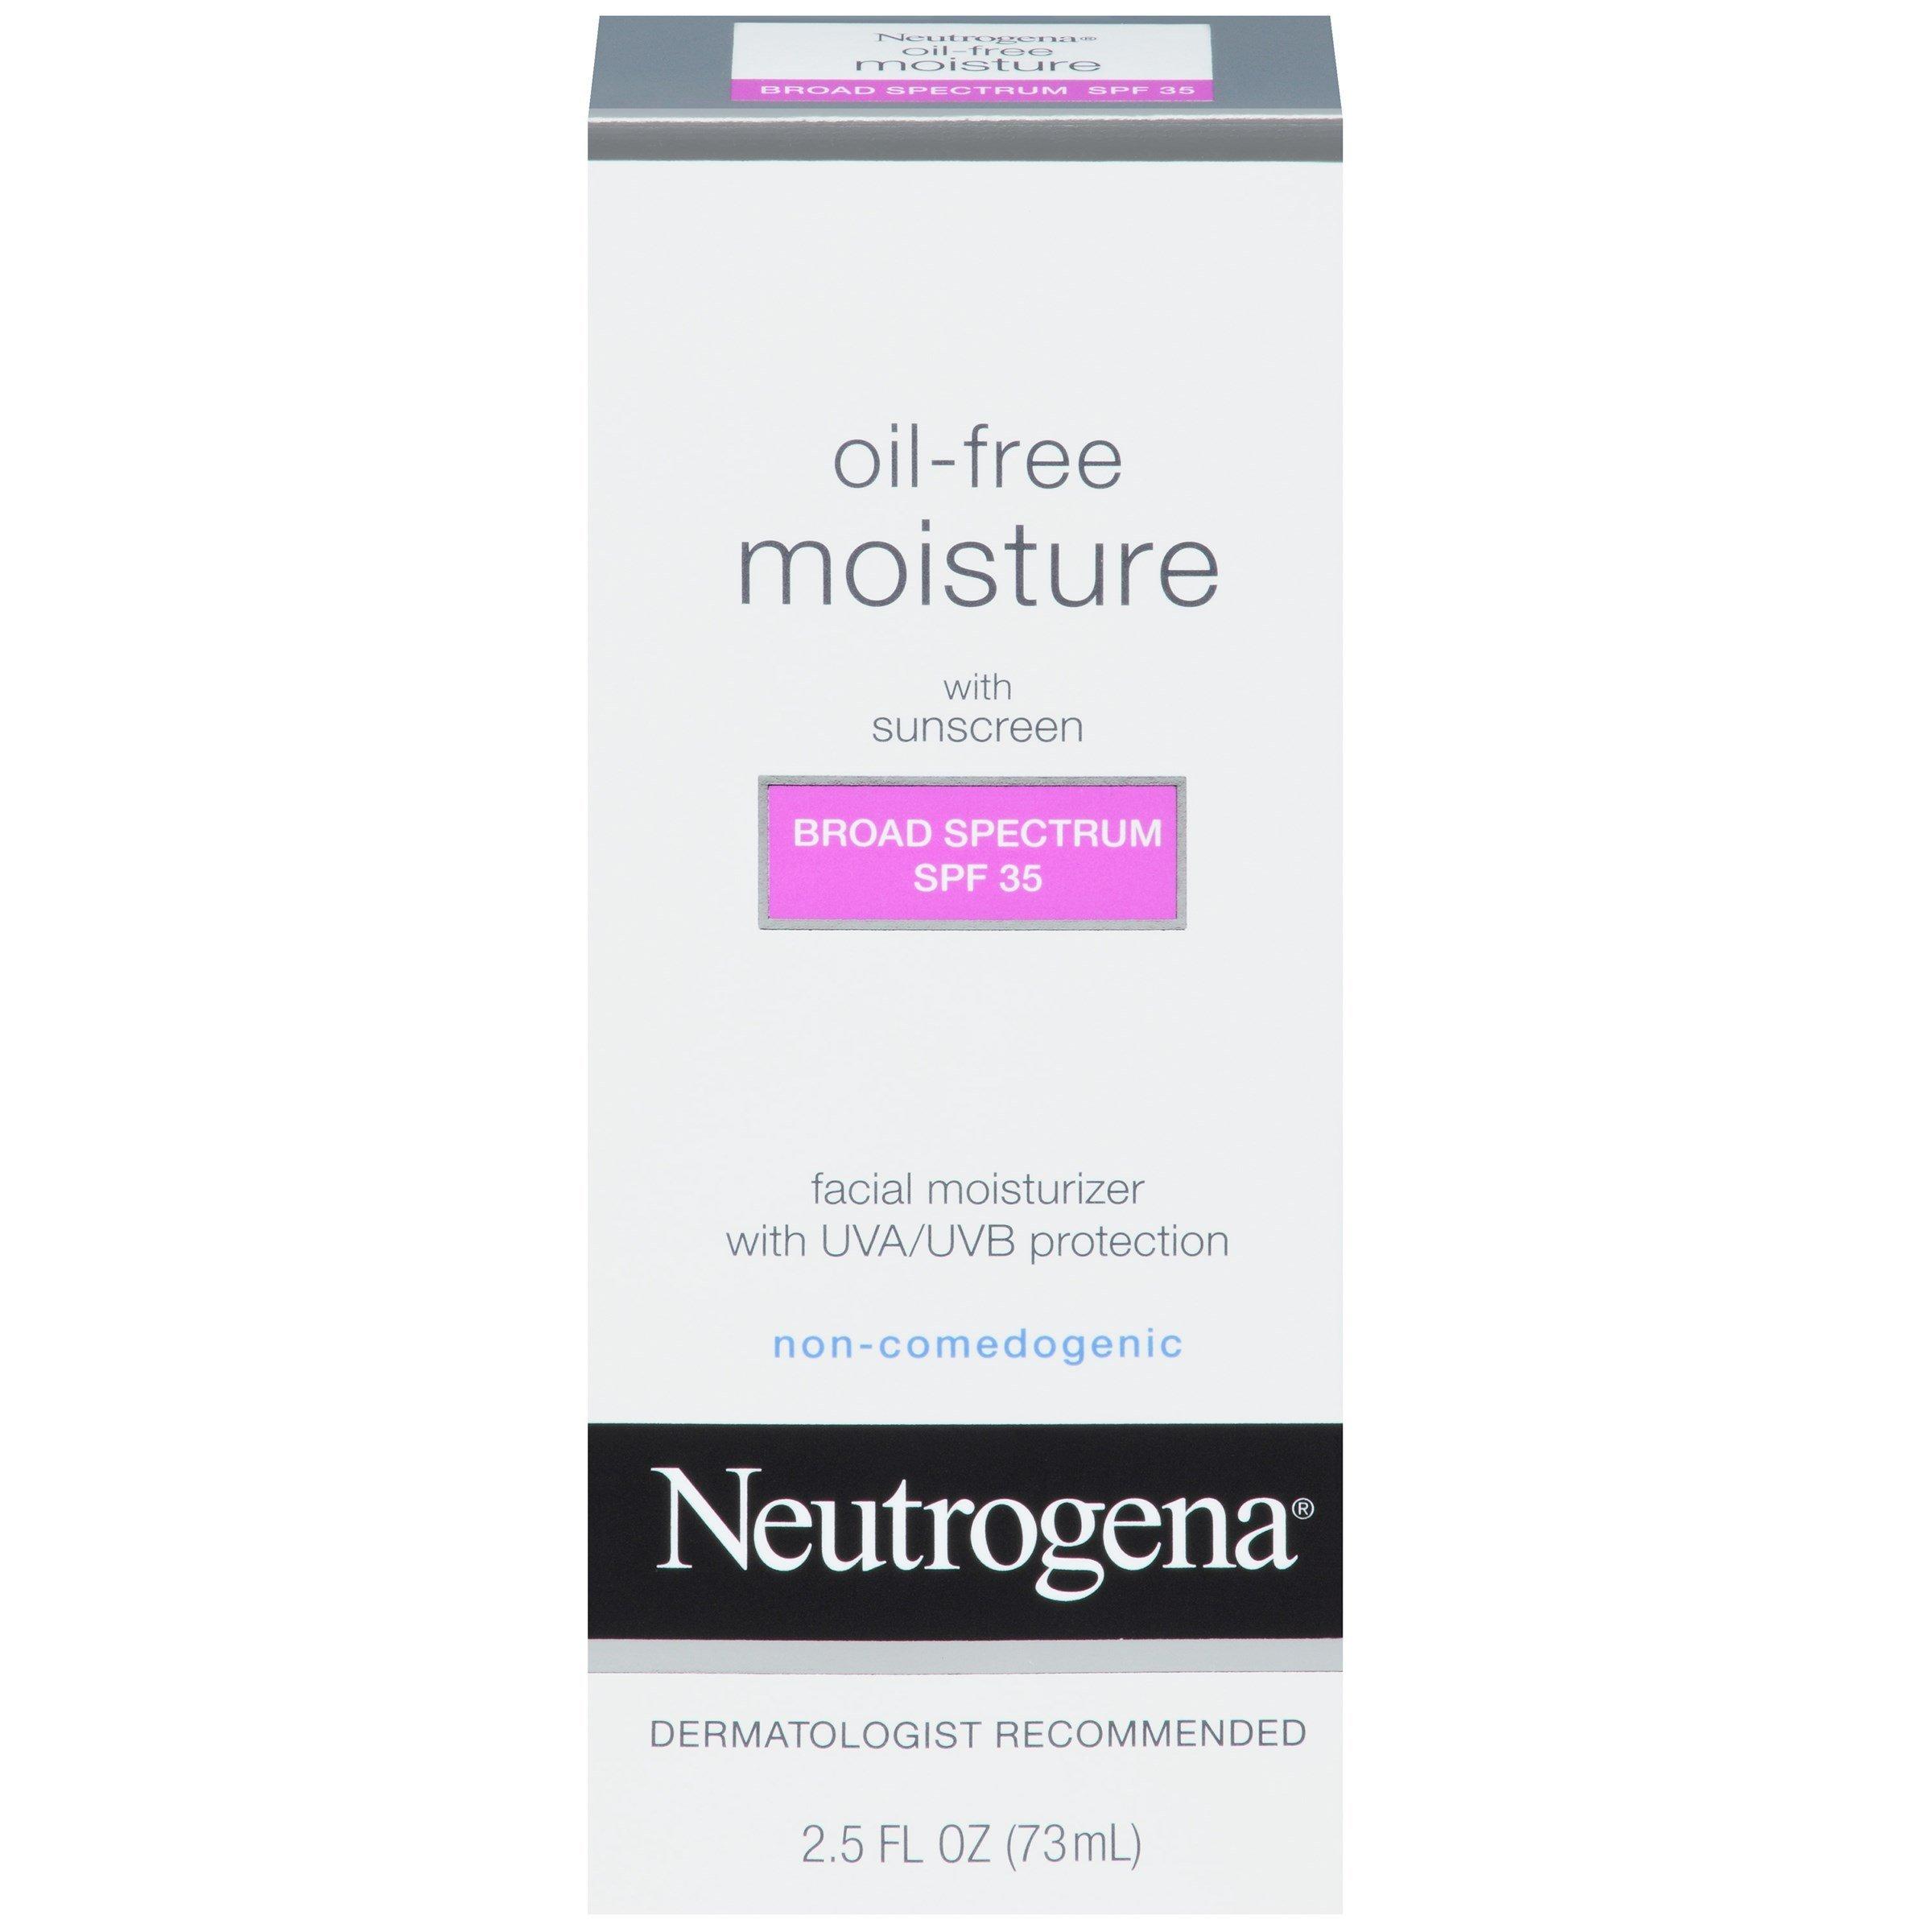 Neut Of Acne Moisturizer Size 4z Neutrogena Oil Free Acne Moisturizer Pink Grapefruit 4z